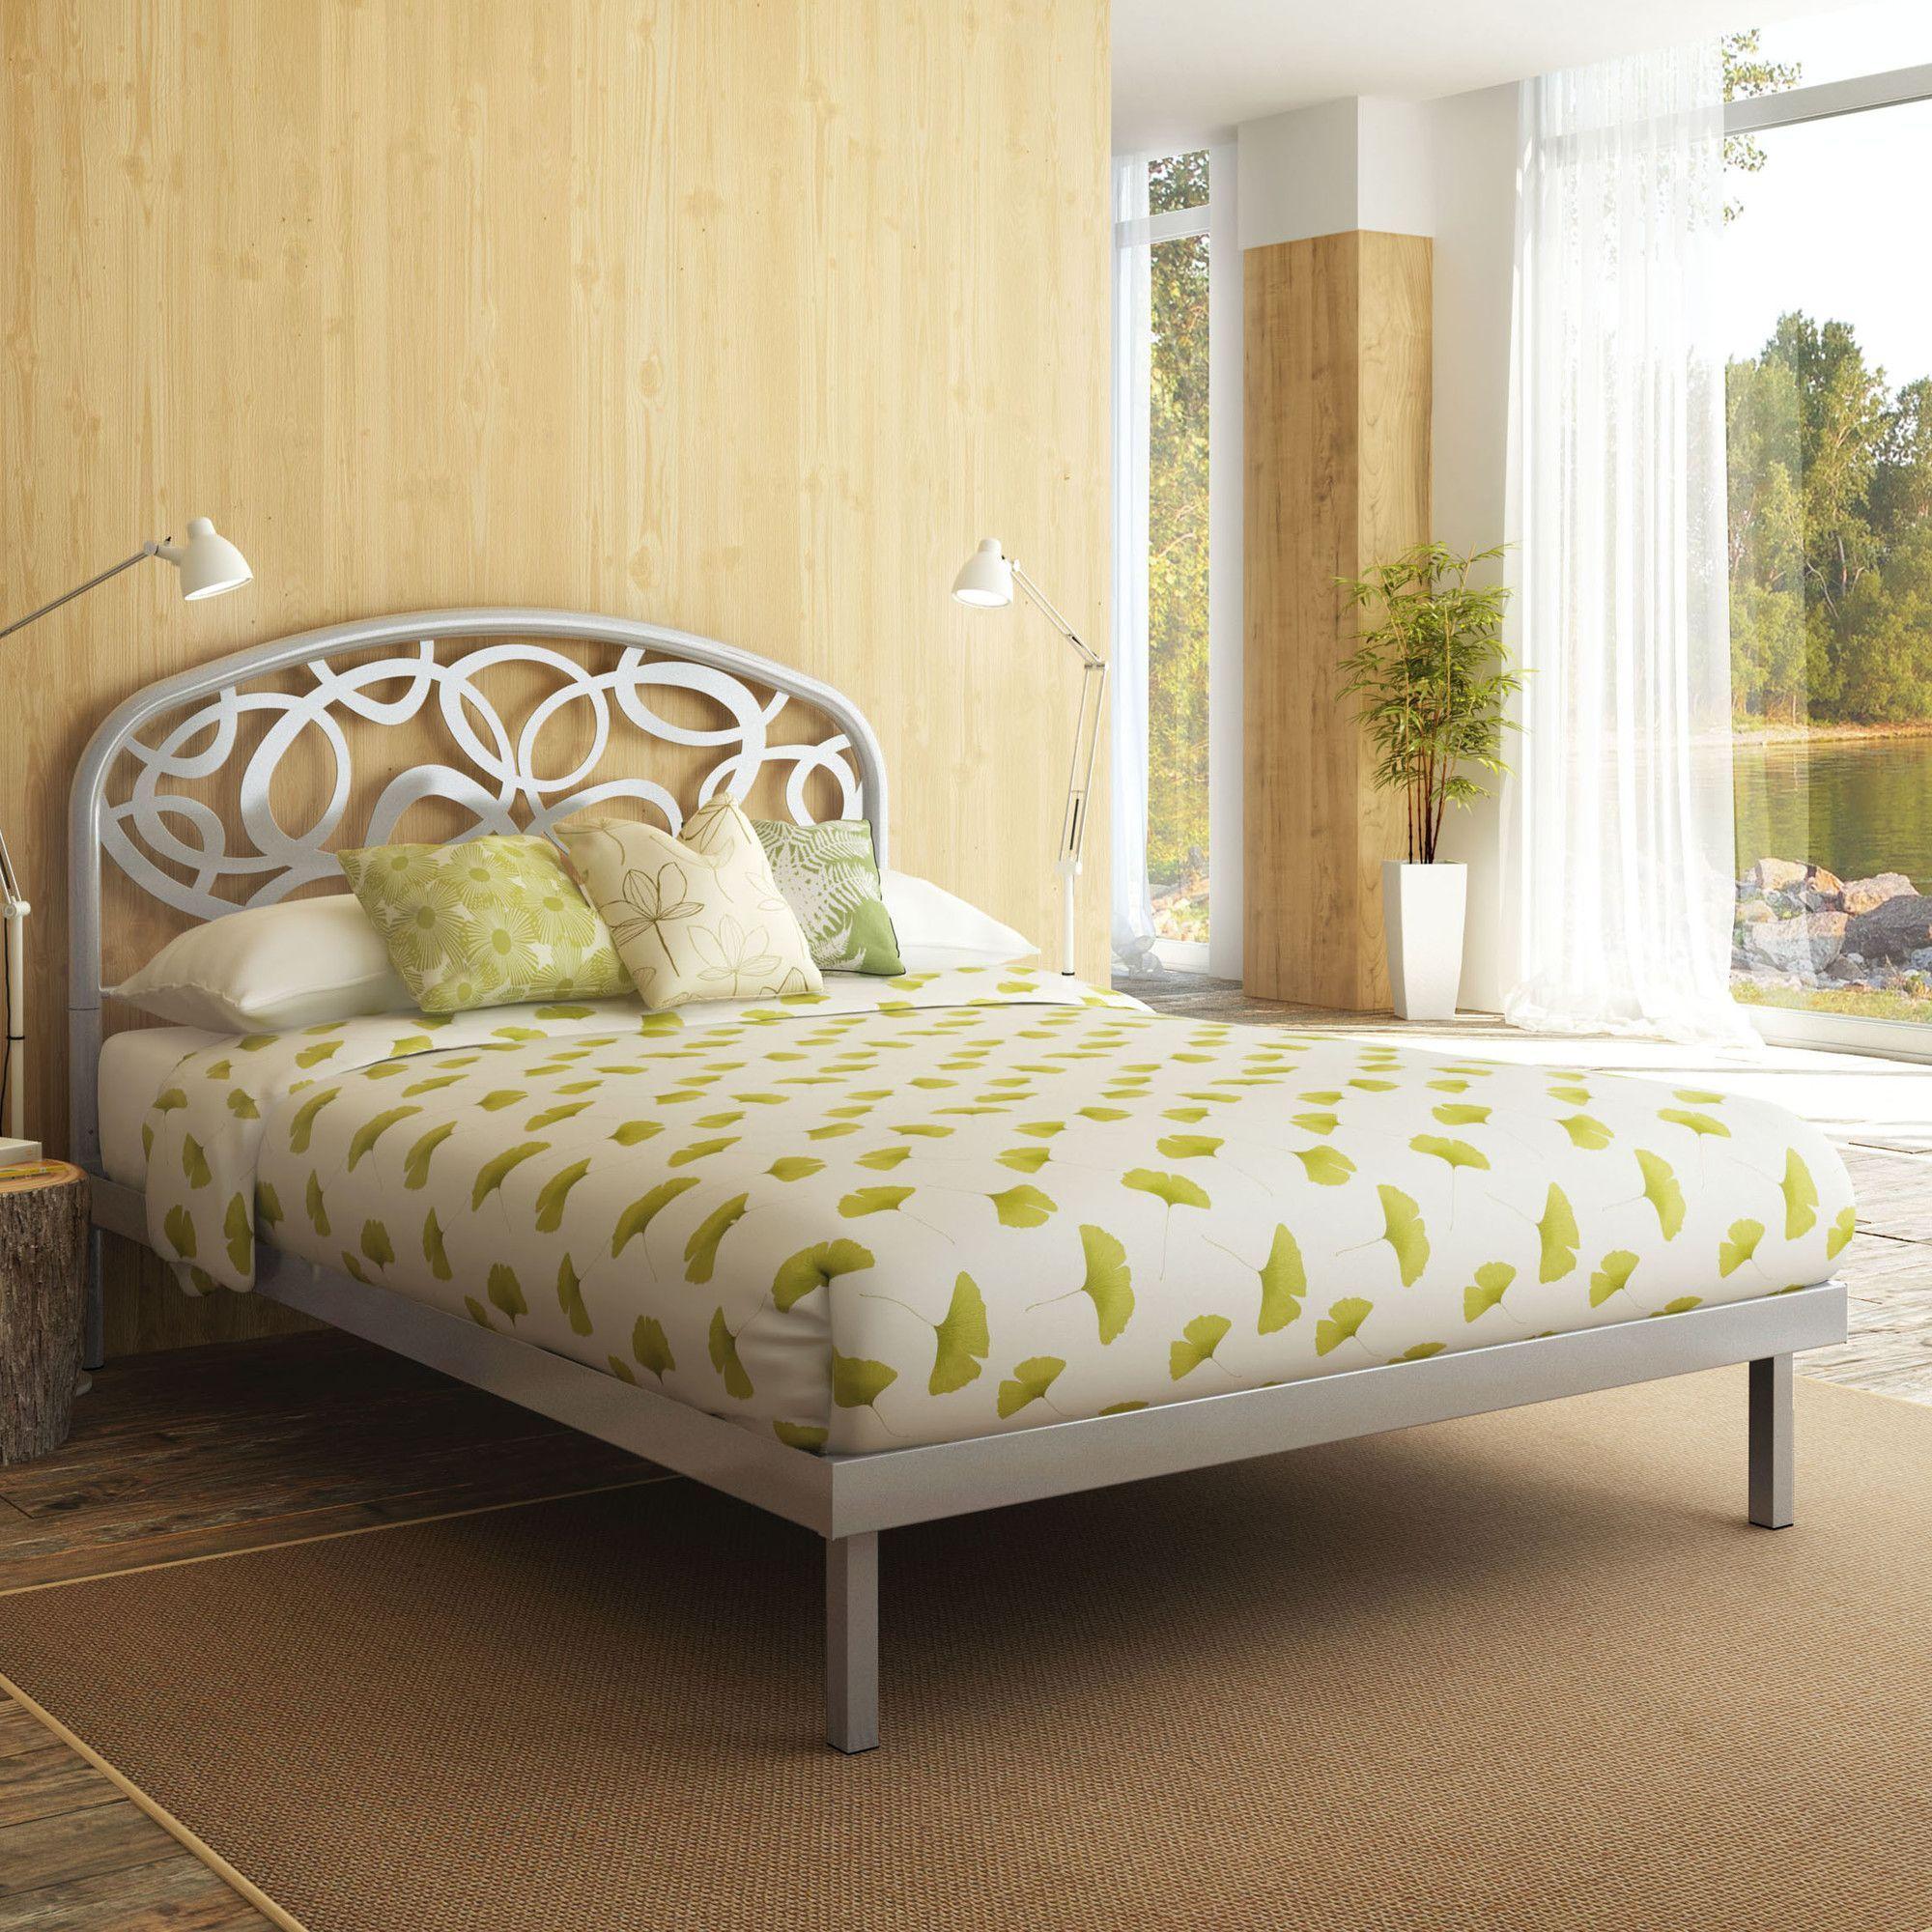 alba metal platform bed products pinterest metal platform bed